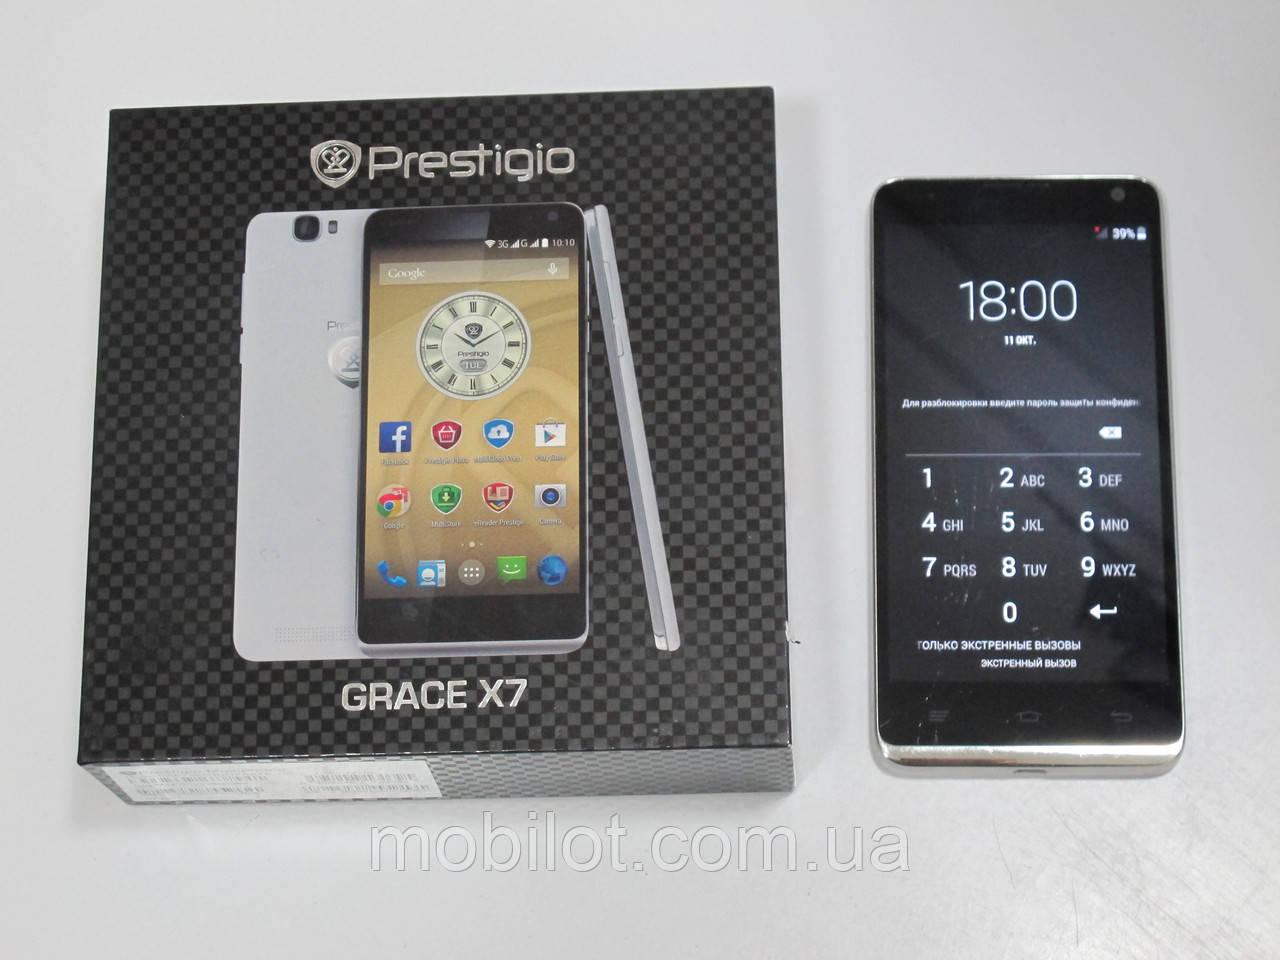 Мобильный телефон Prestigio Grace X7 (PSP7505) (TZ-4629)